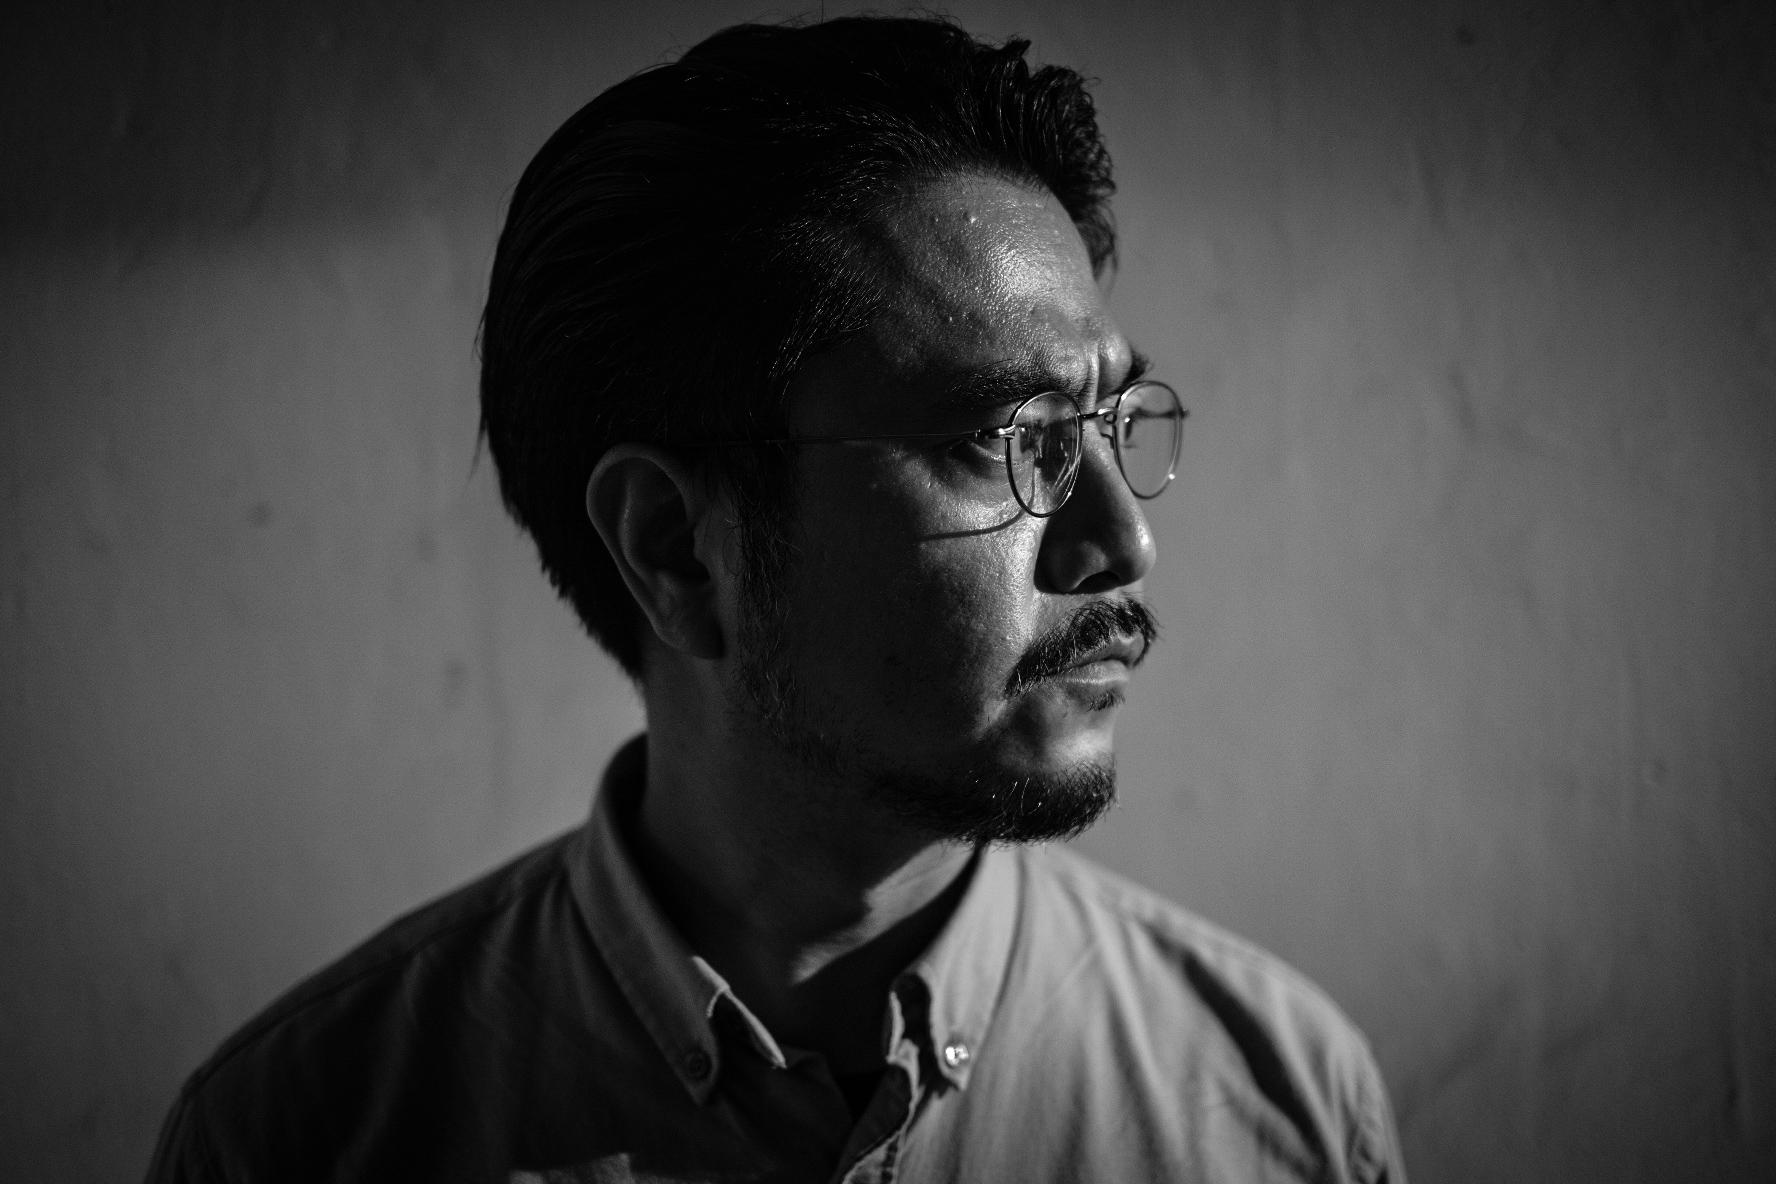 攝影記者高仲明 (攝影: Joey Leung)